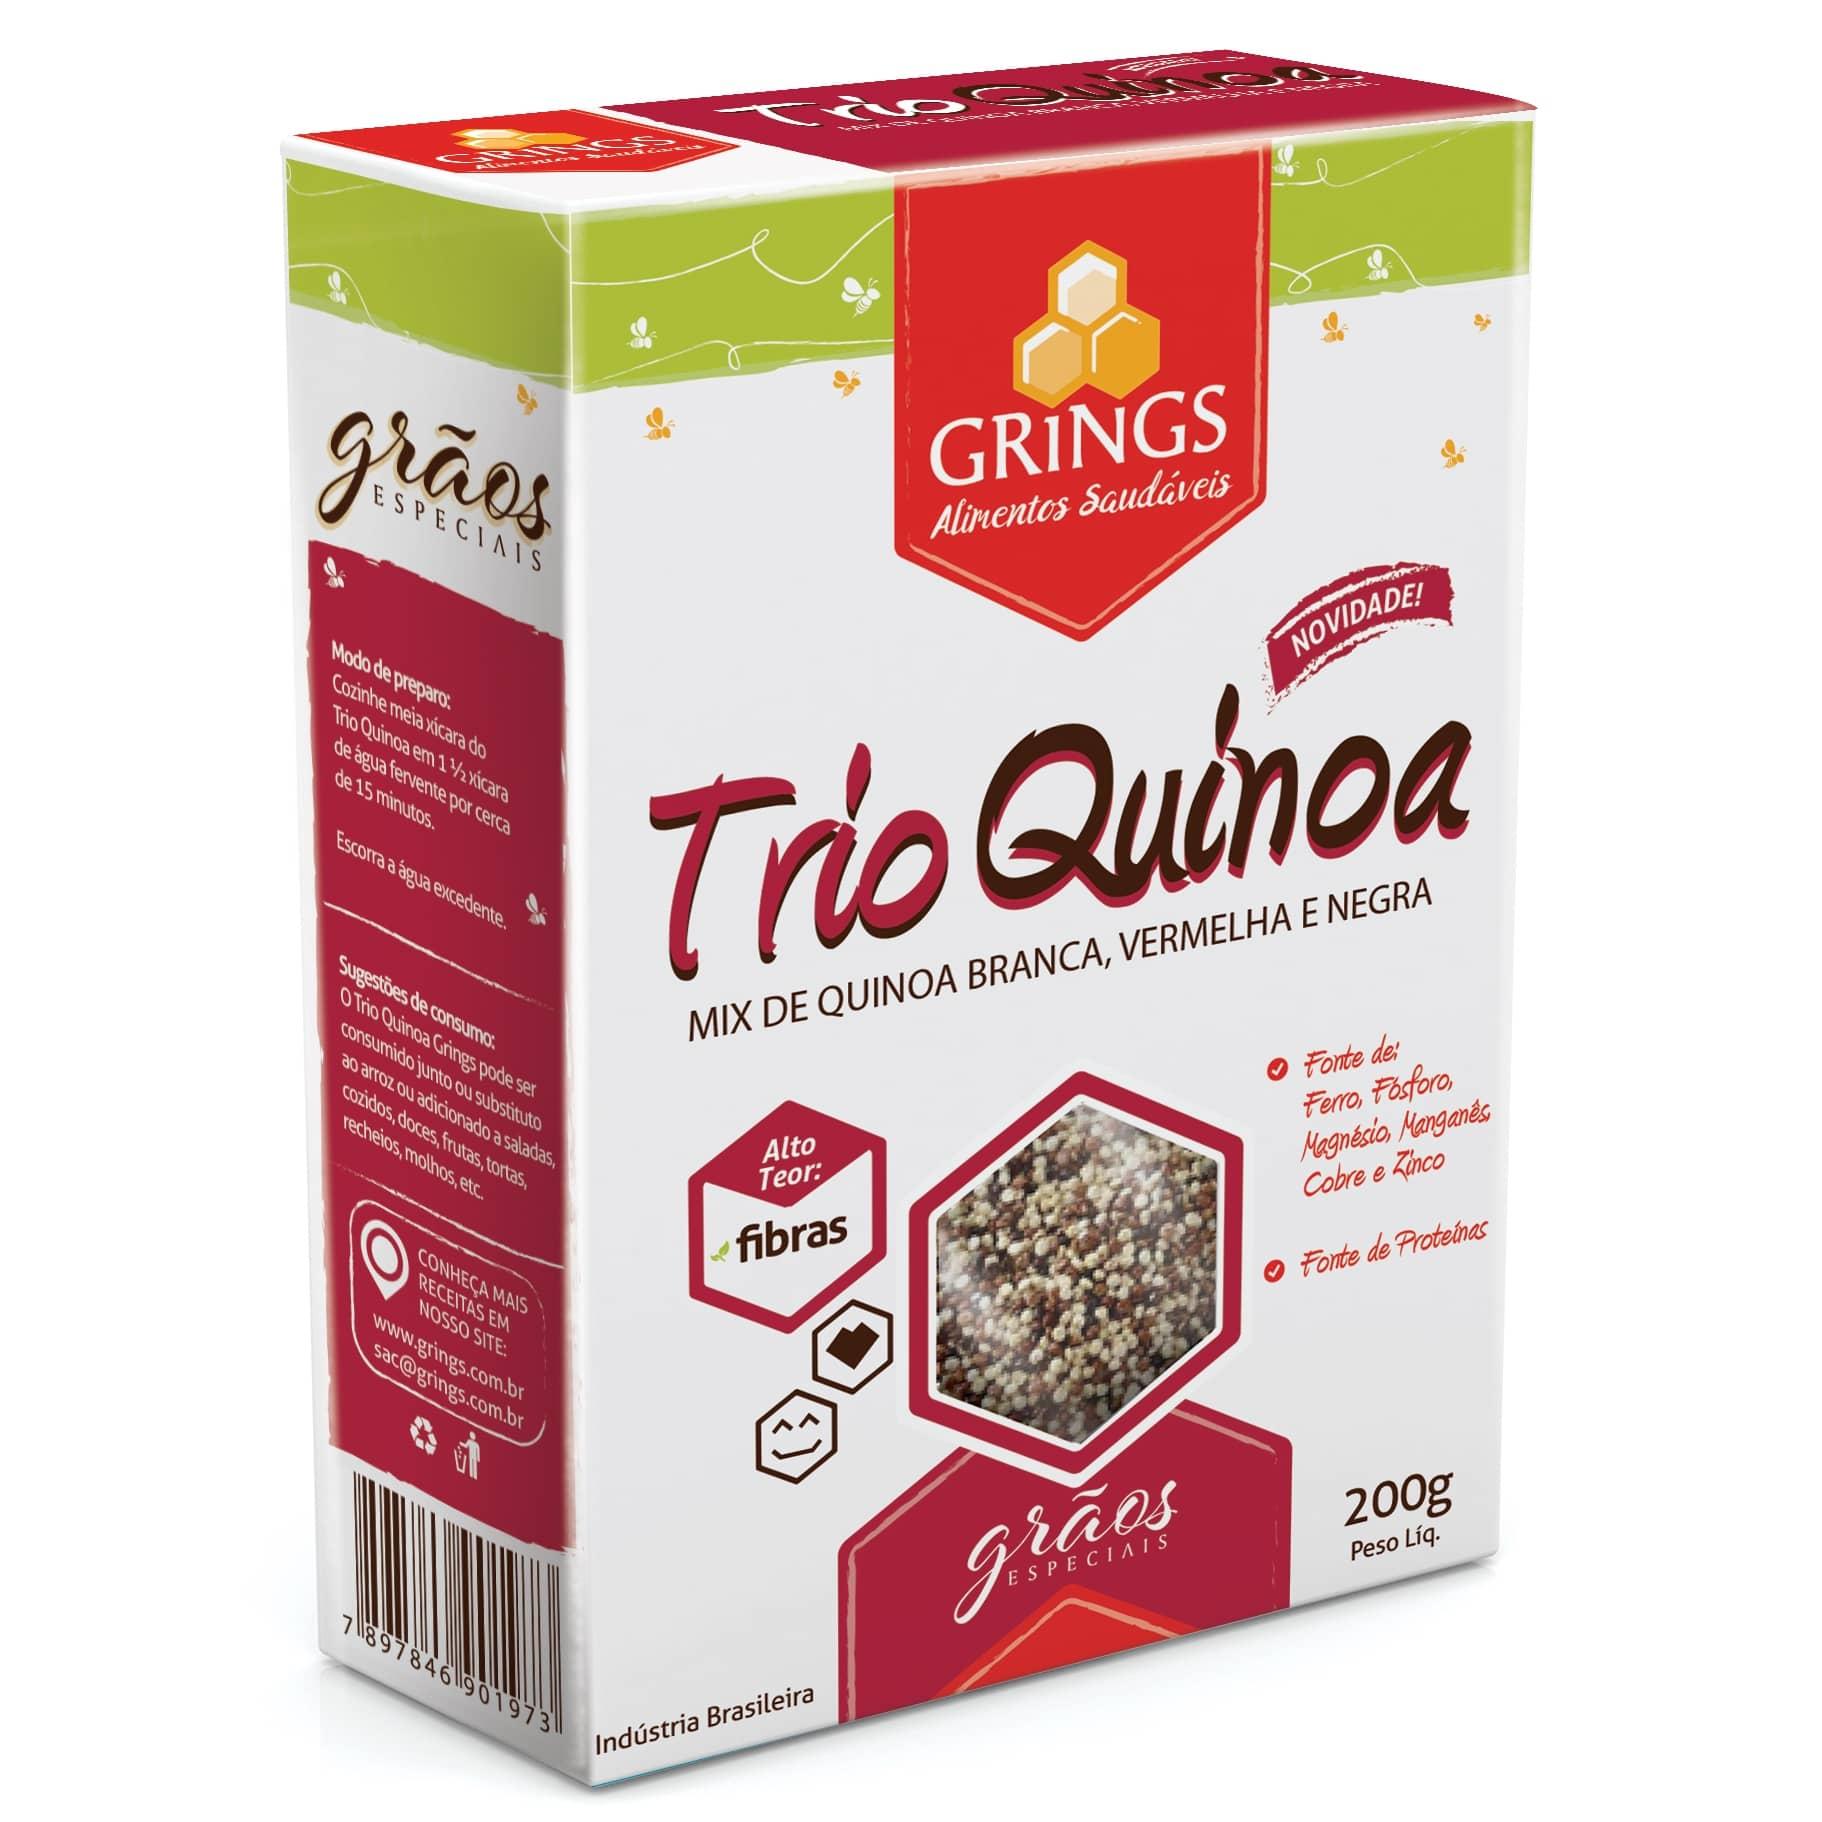 Trio-Quinoa-Grings